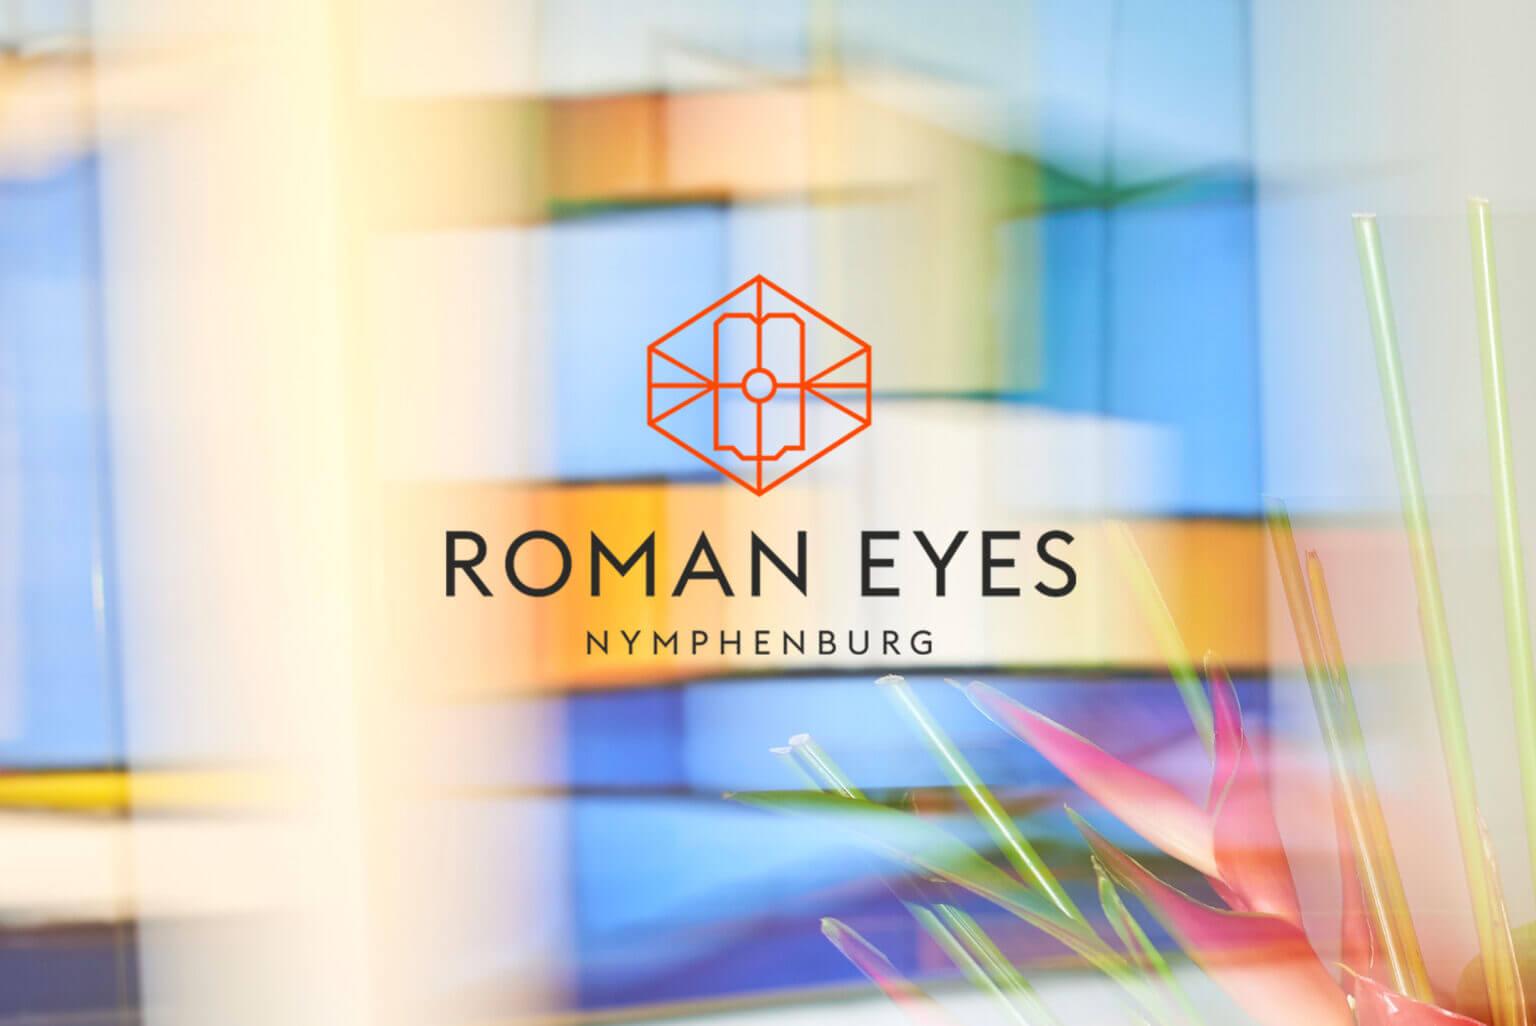 Augenarzt Nymphenburg, Roman Eyes